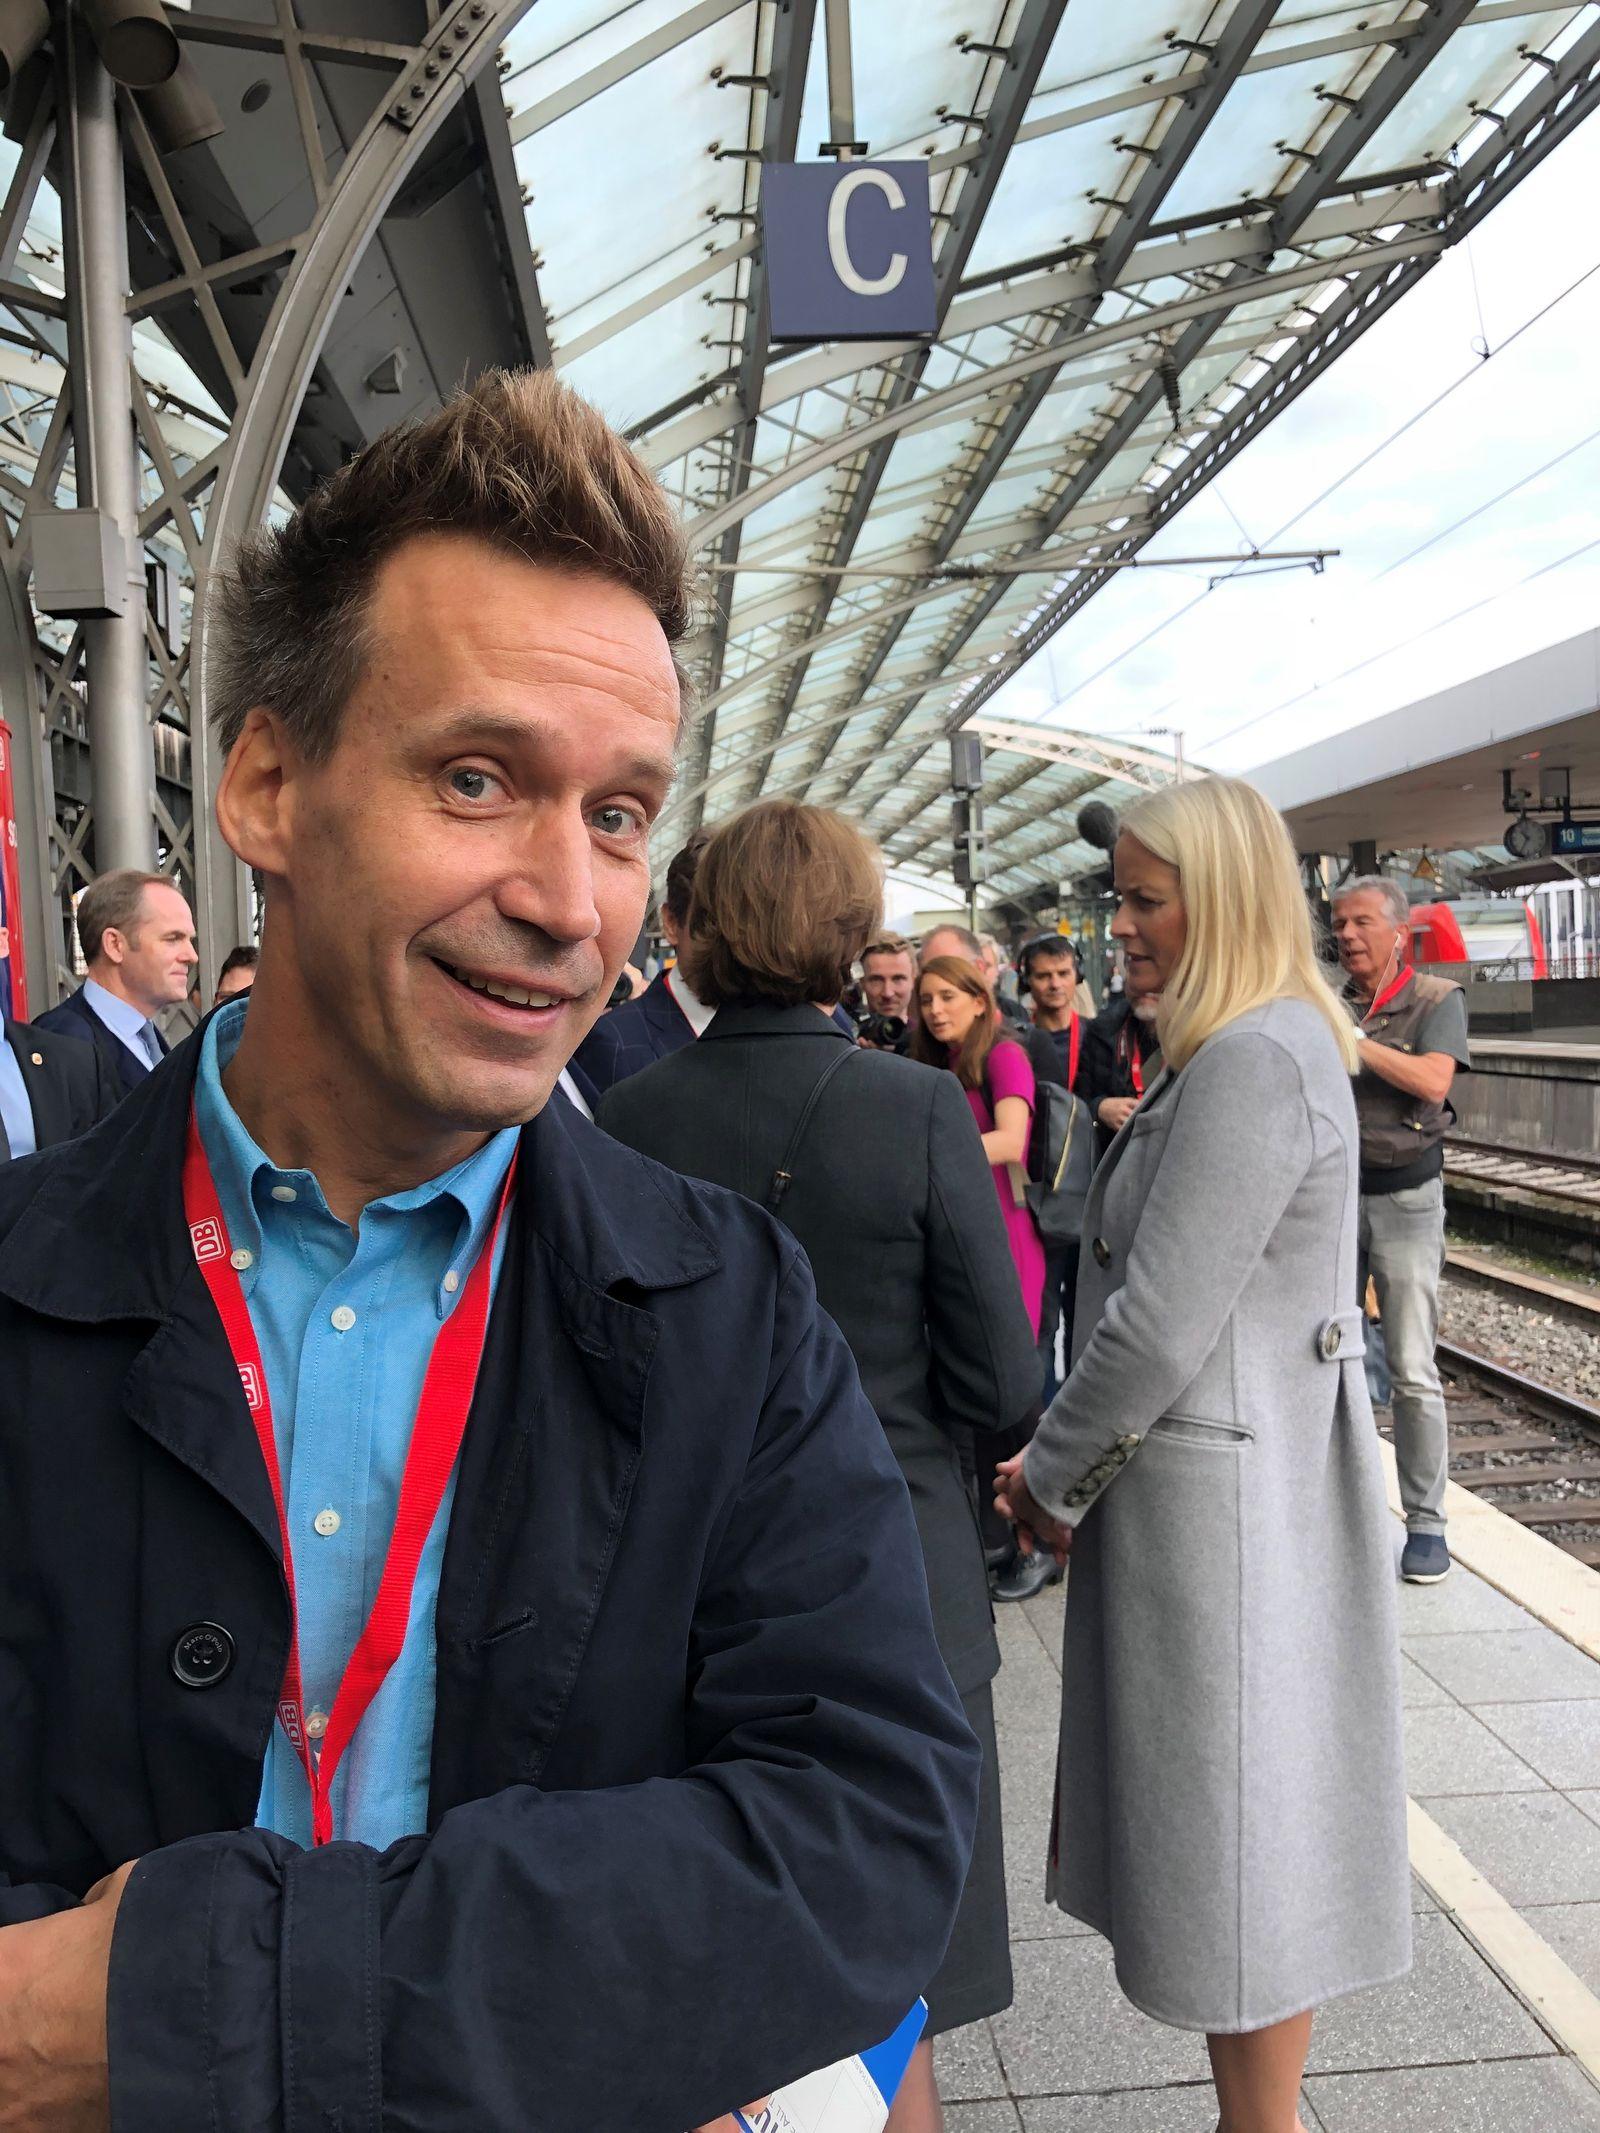 Volker Weidermann / Buchmesse